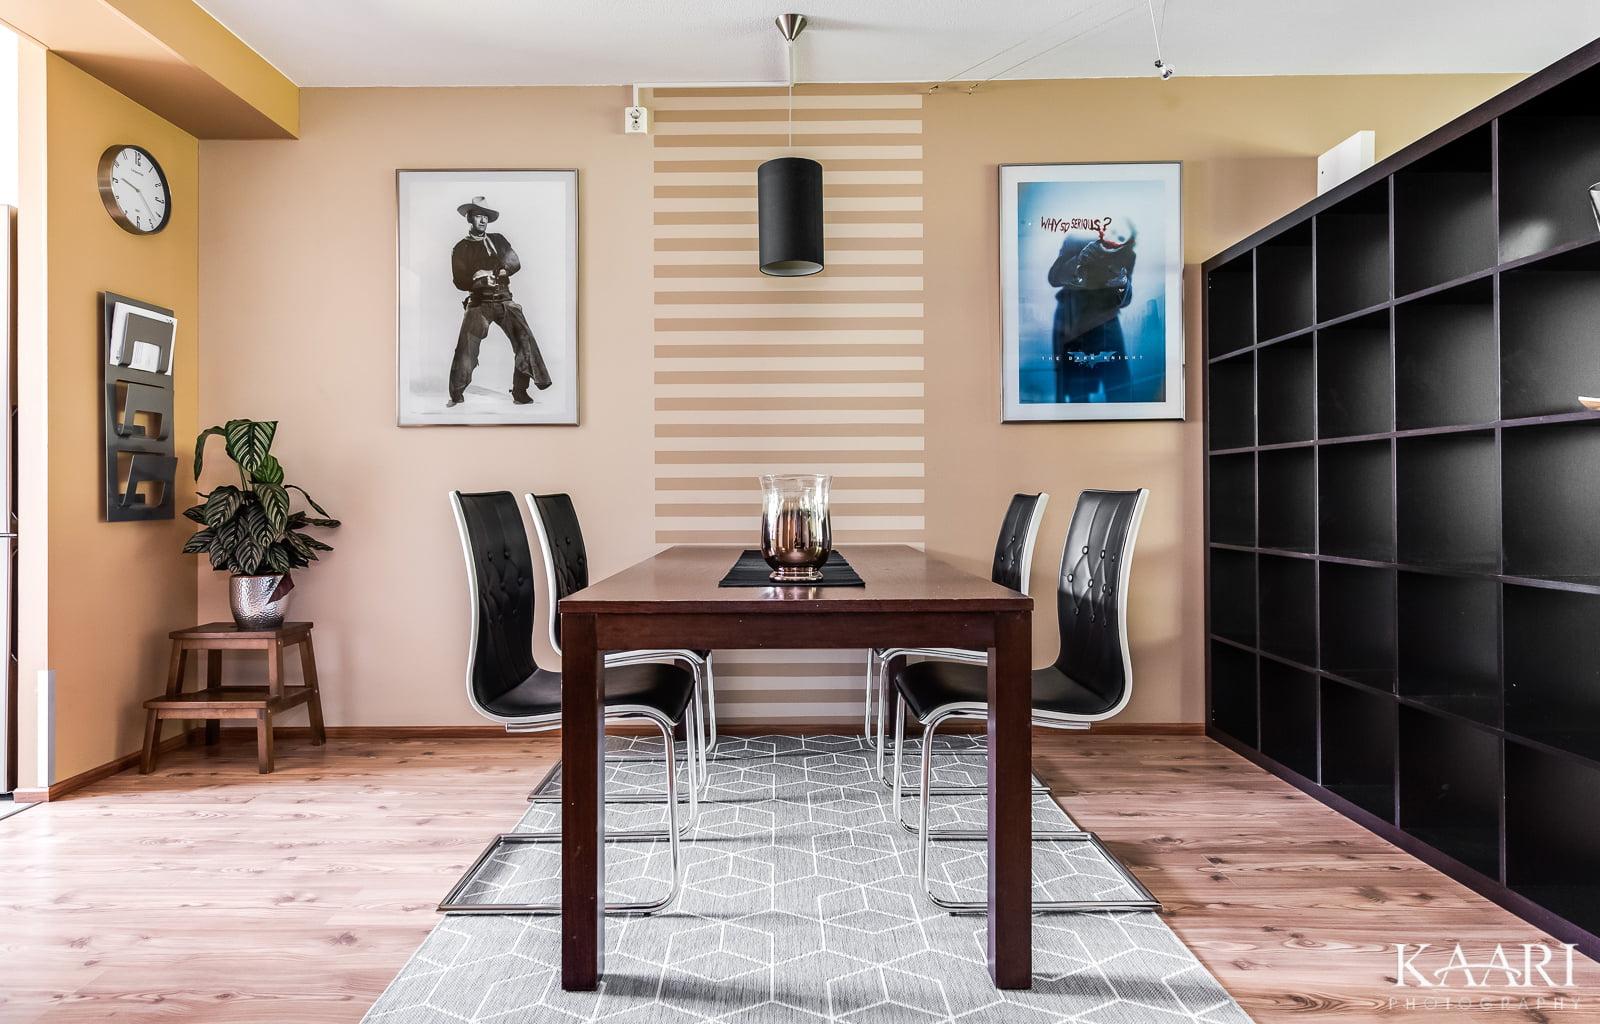 Asuntokuvat 007